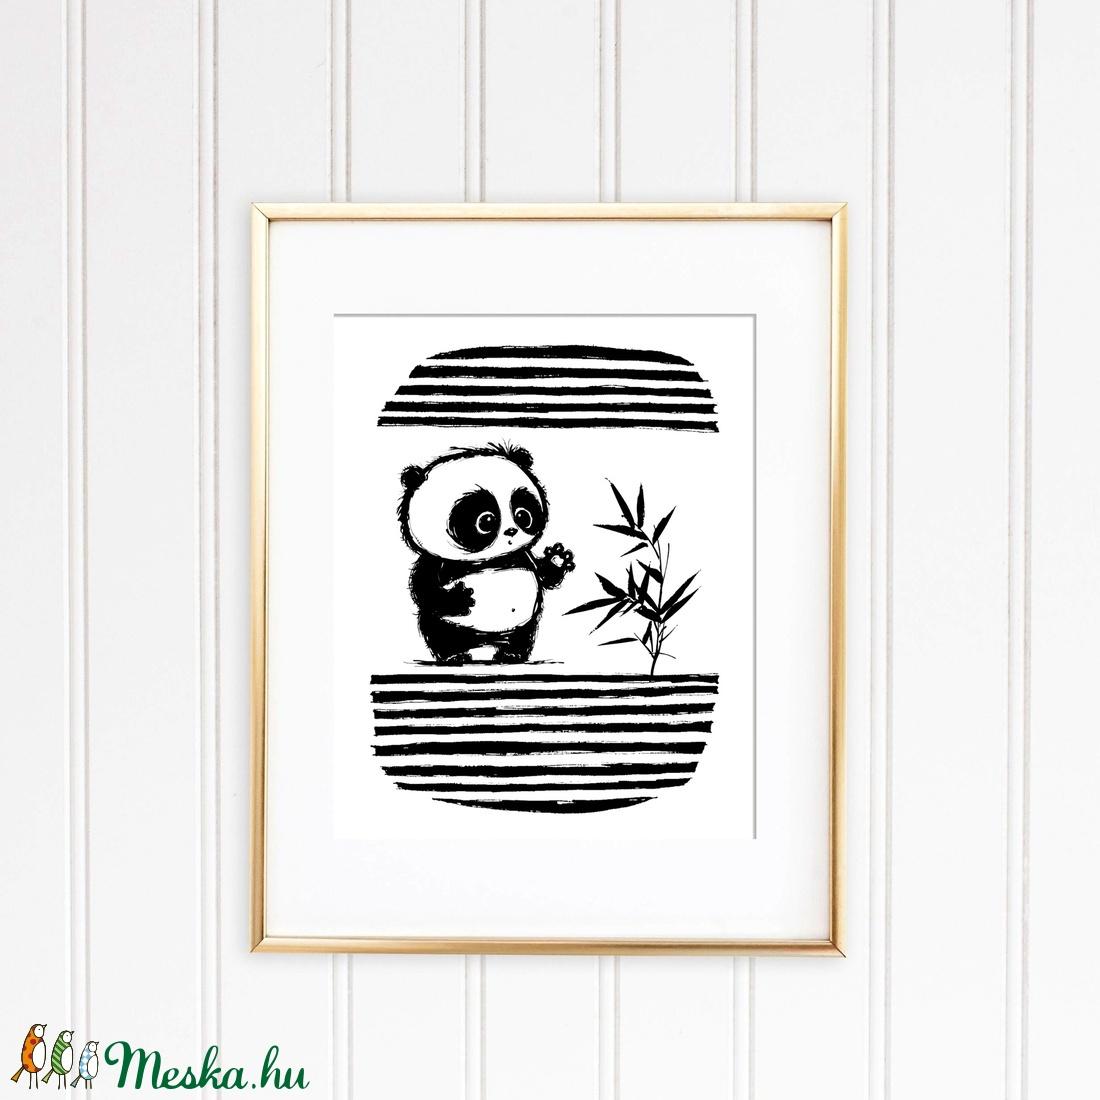 Panda illusztráció repró reprodukció nyomat print grafika festmény fekete fehér (meilingerzita) - Meska.hu